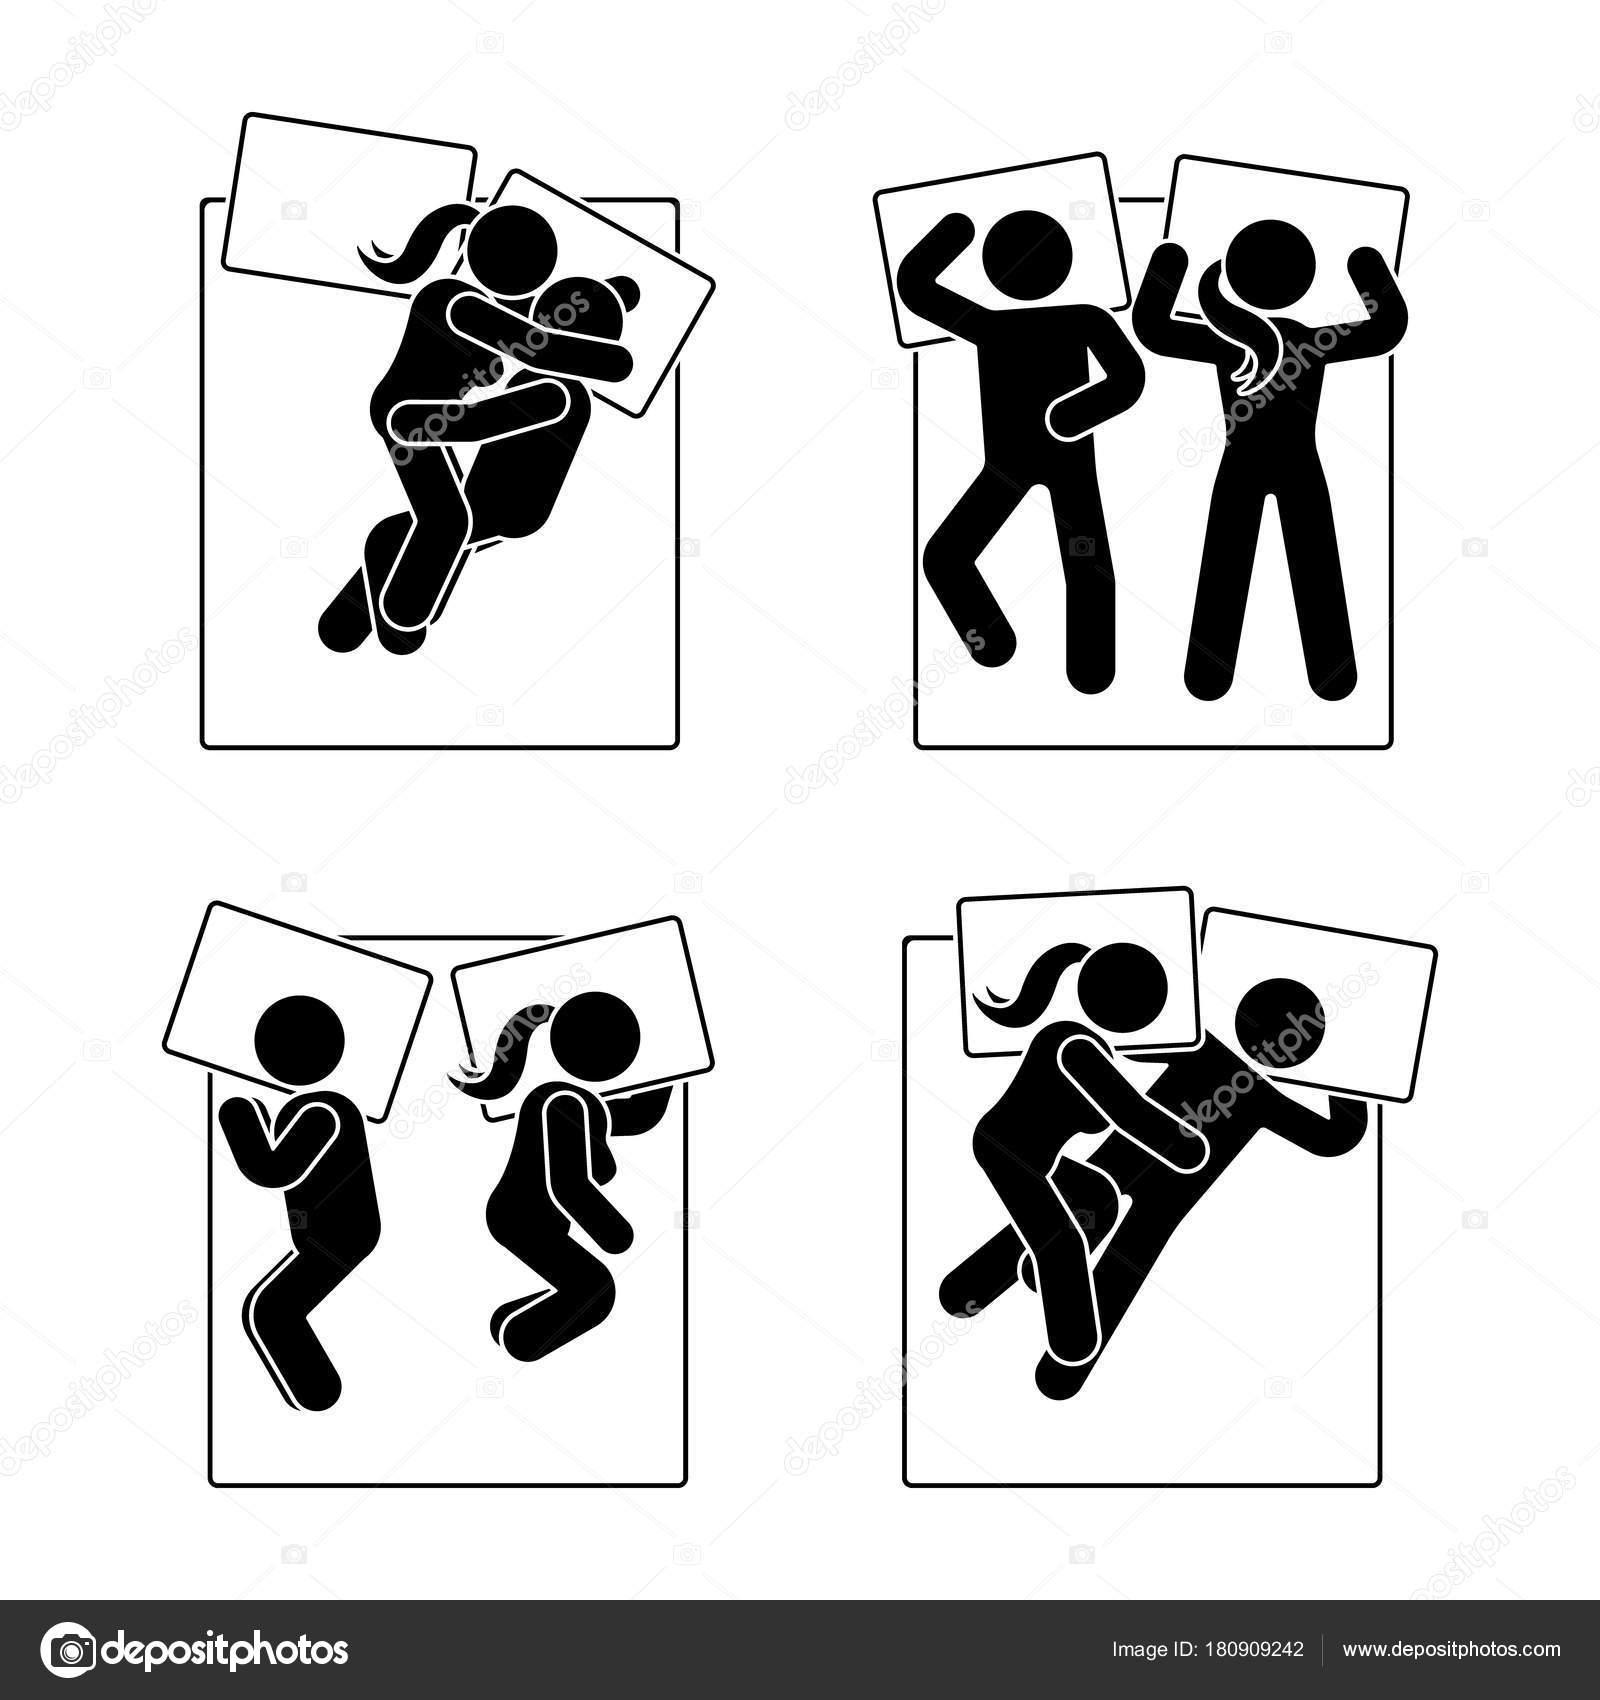 スティック図異なる睡眠の位置を設定します 別の夢を見てカップルの